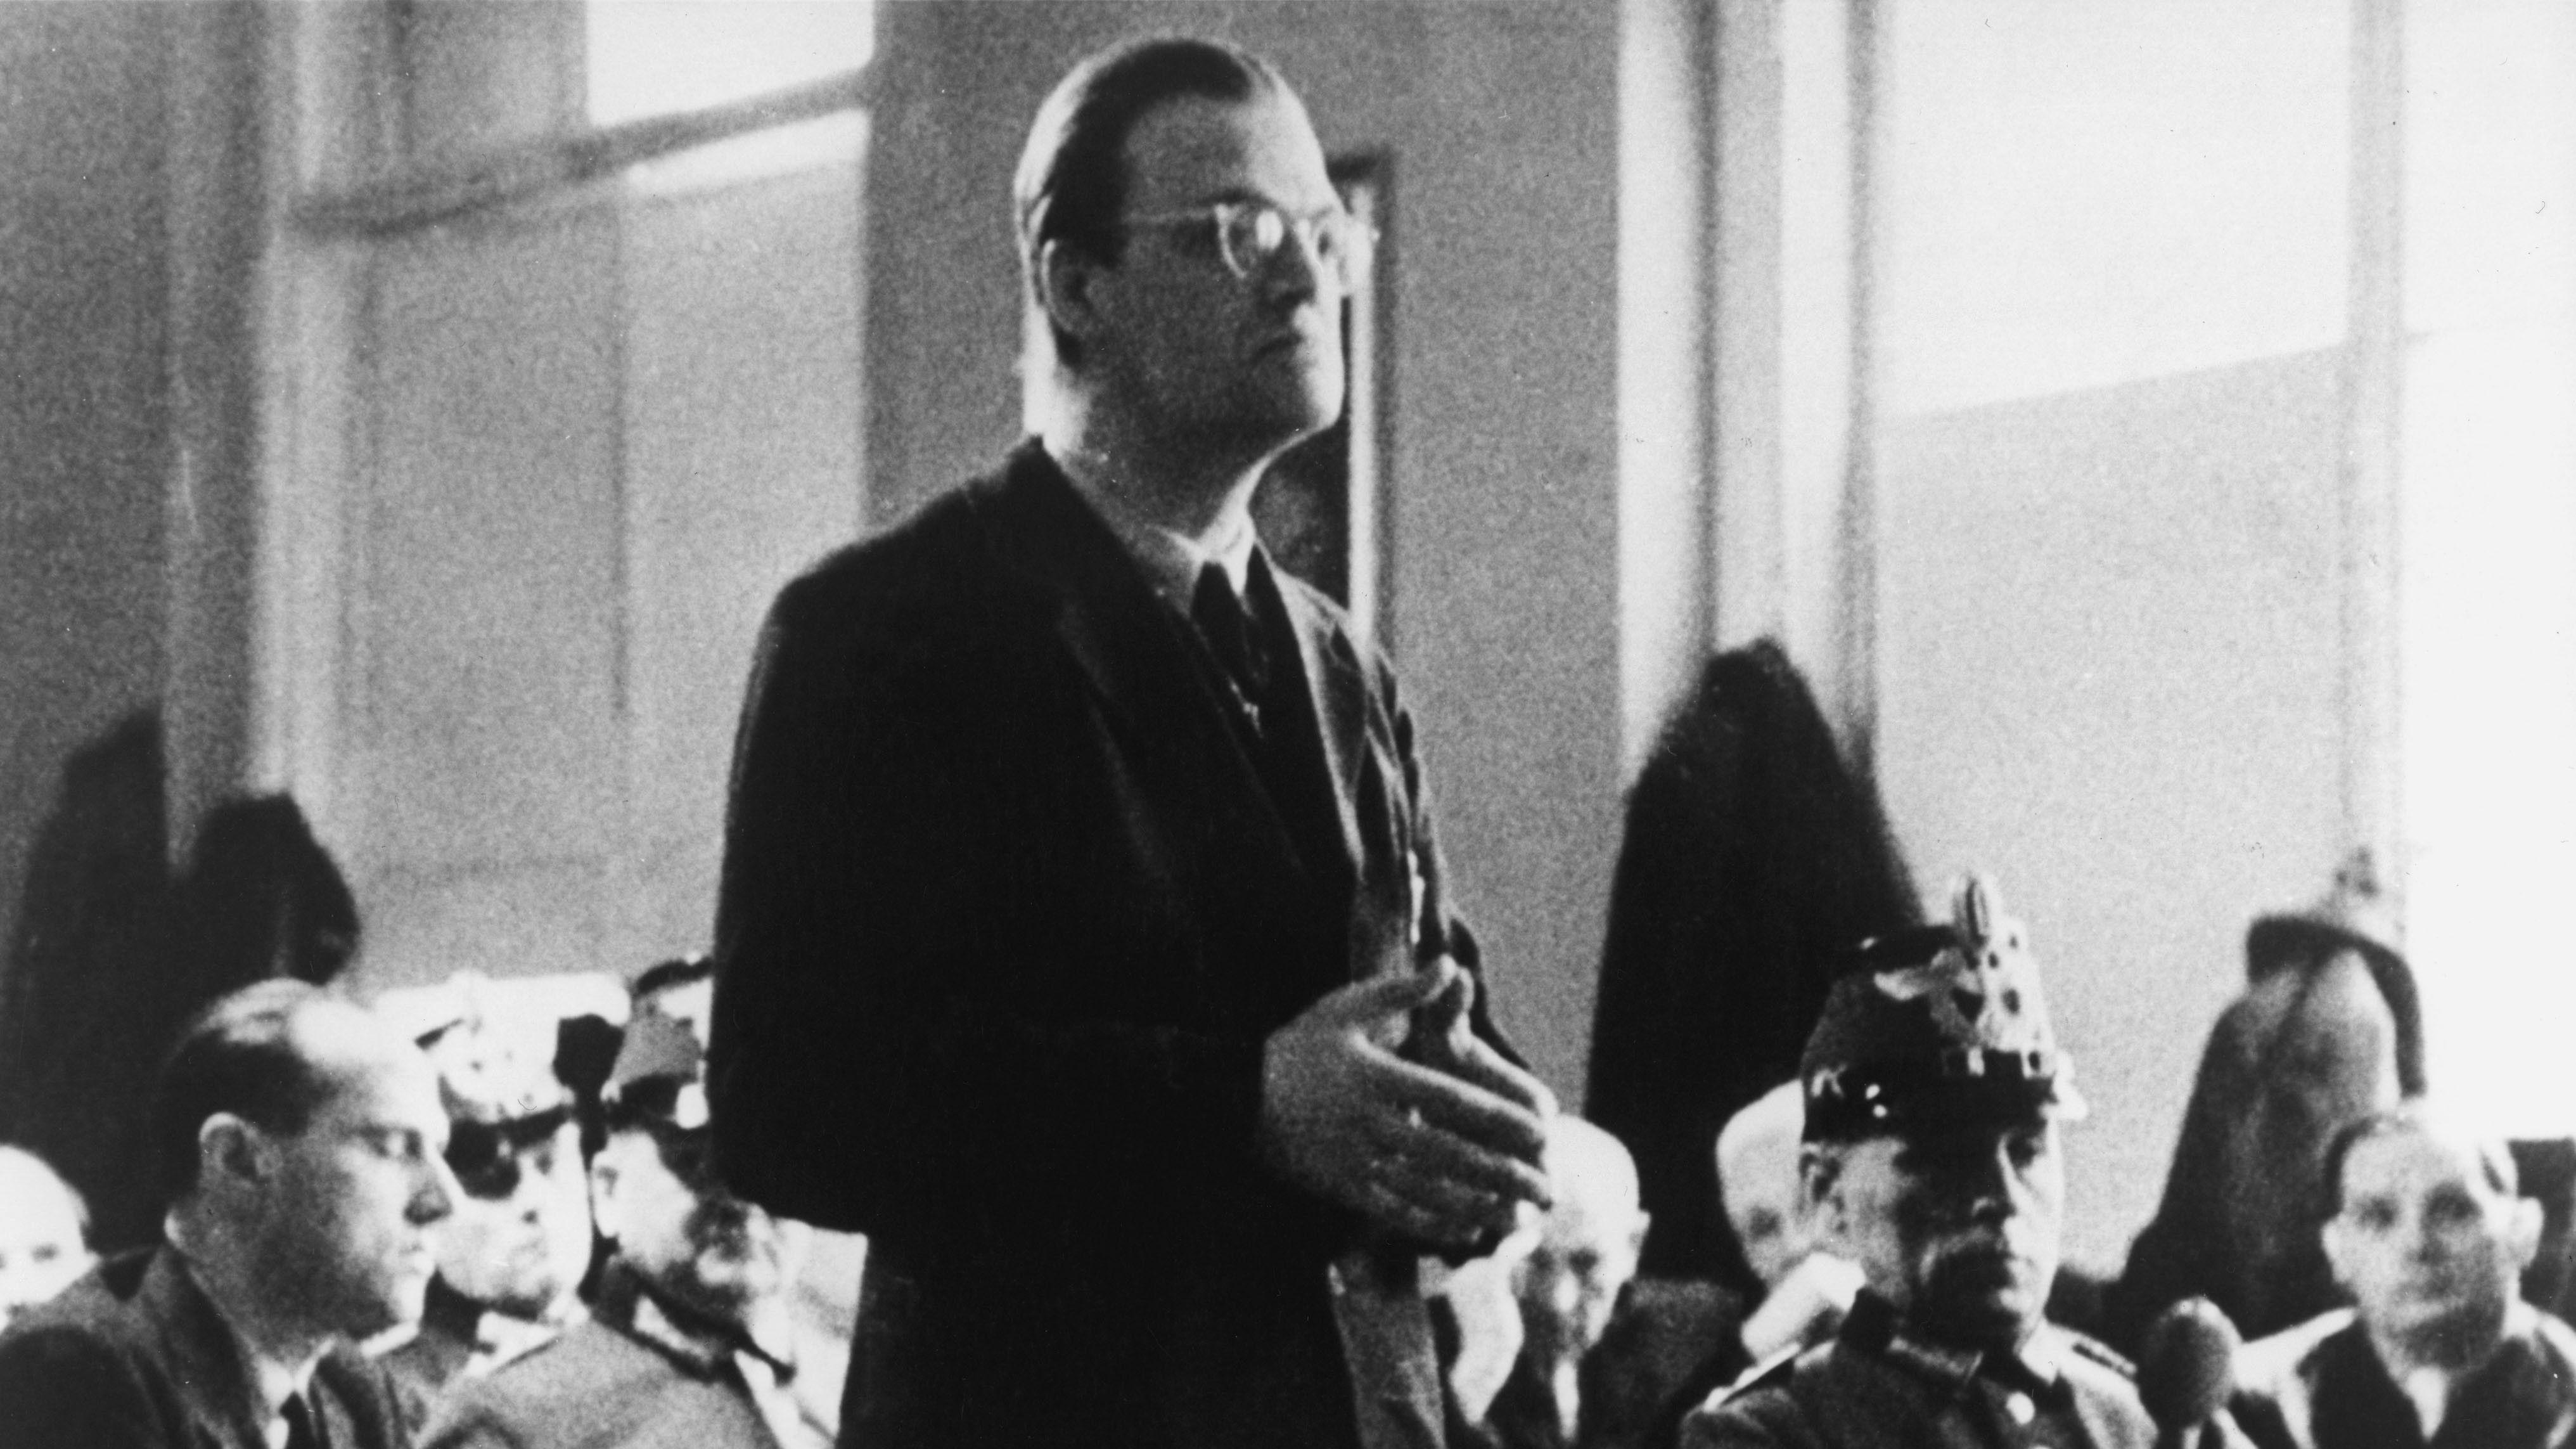 Jesuitenpater Alfred Delp wurde am 2. Februar 1945 von den Nationalsozialisten getötet.